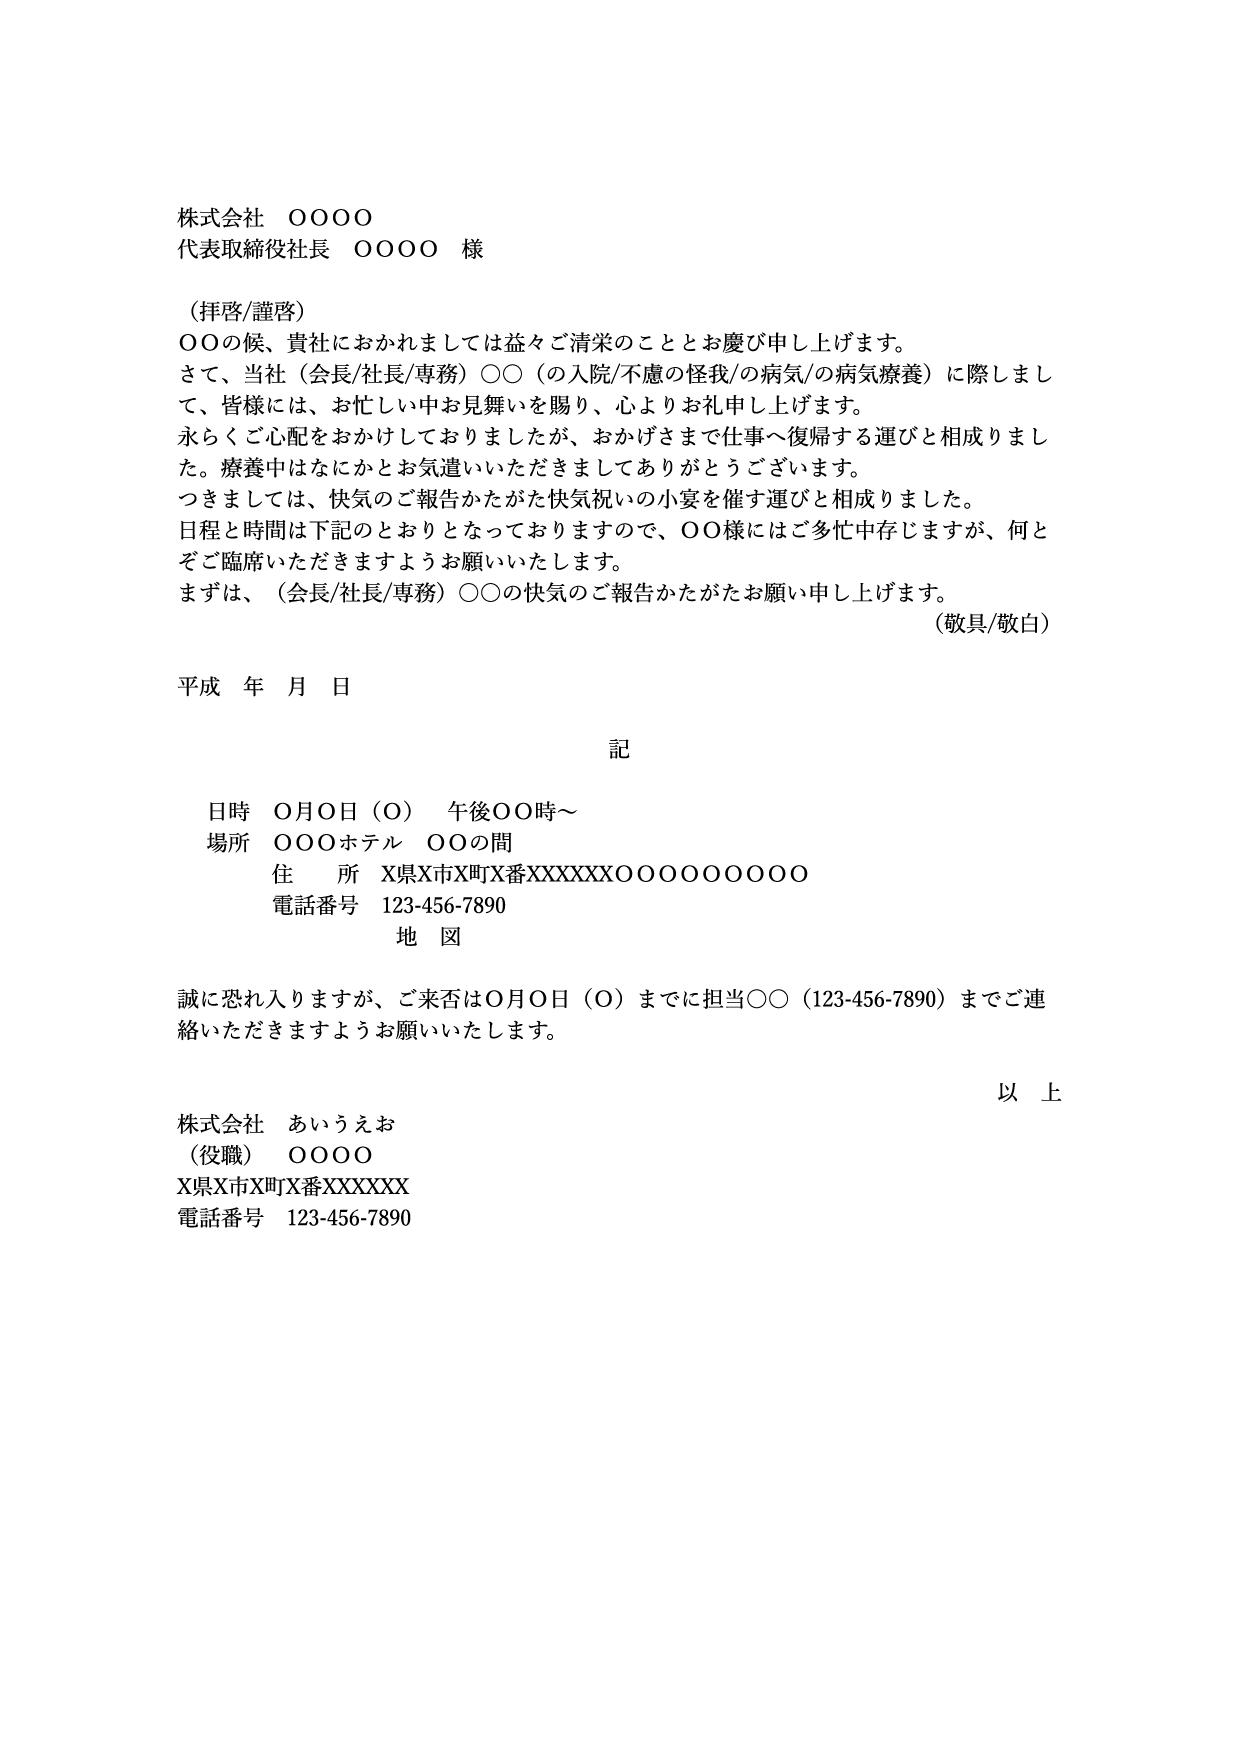 招待状テンプレート『快気祝い』(ワード・ページズ)